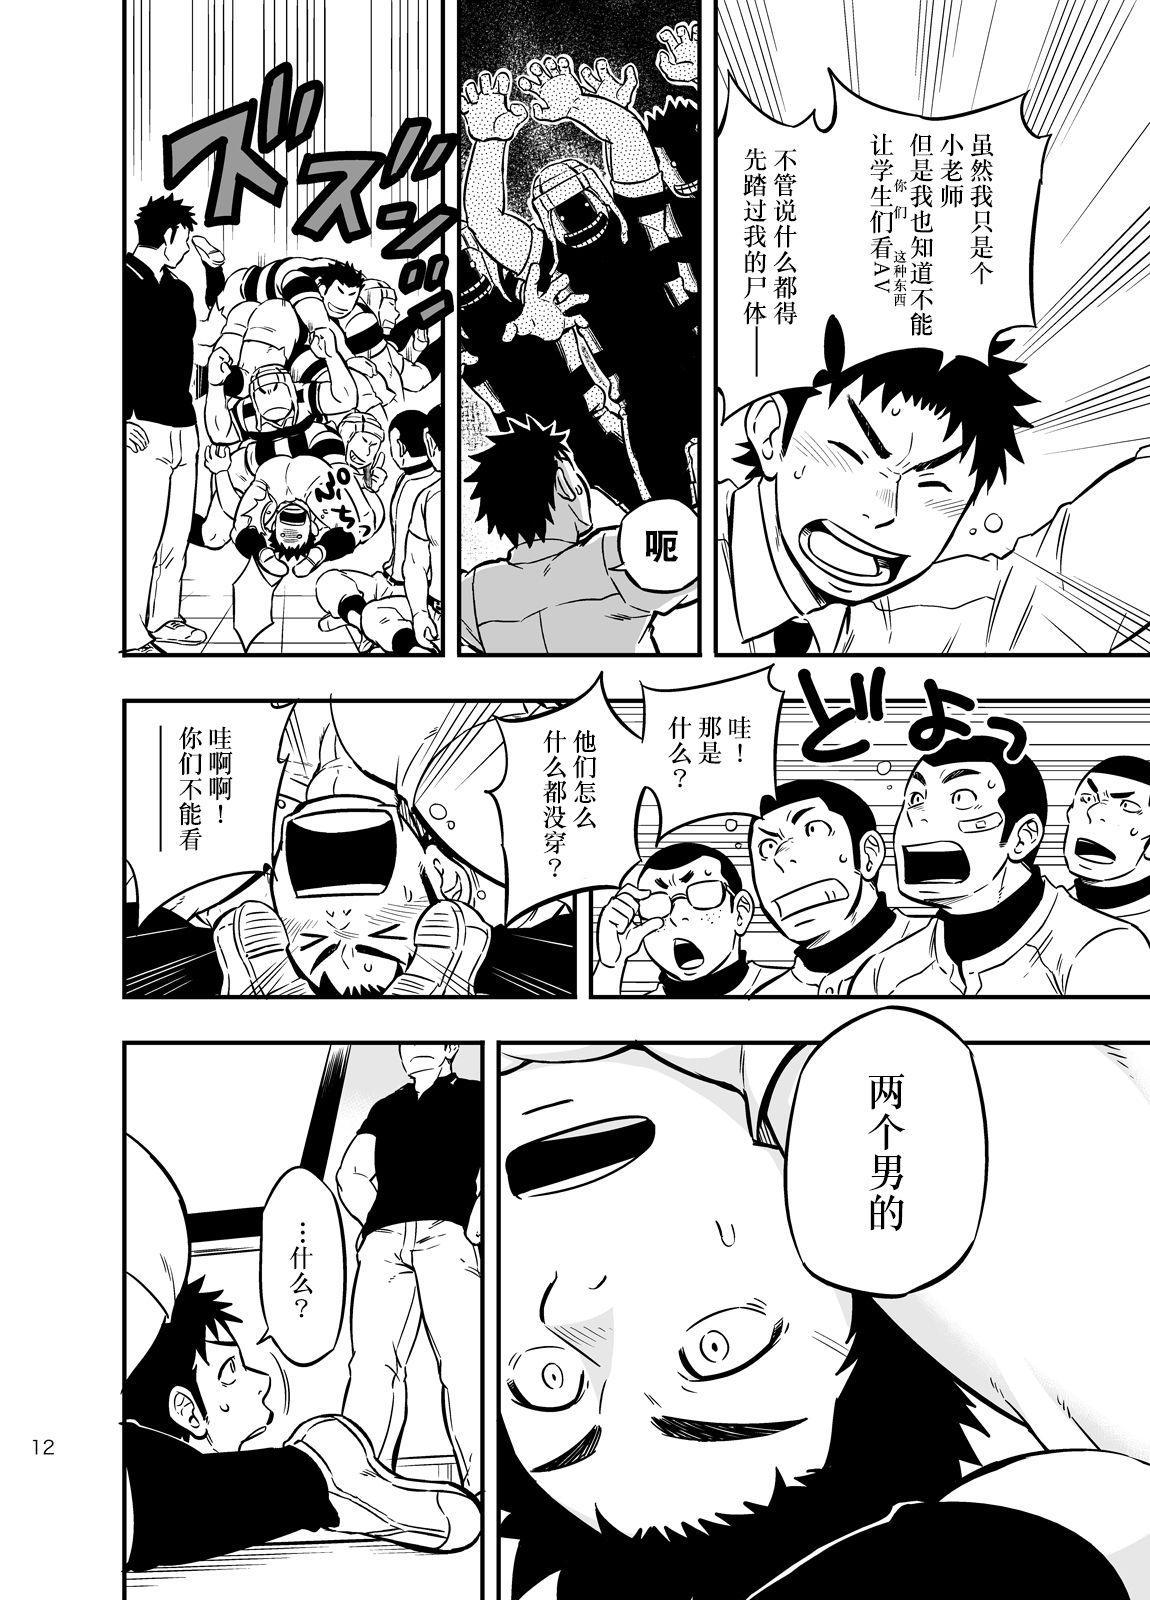 Moshimo Danshikou no Hoken Taiiku ga Jitsugi Ari Dattara 2 | 如果男校的保健体育课有实践环节的话 2 10